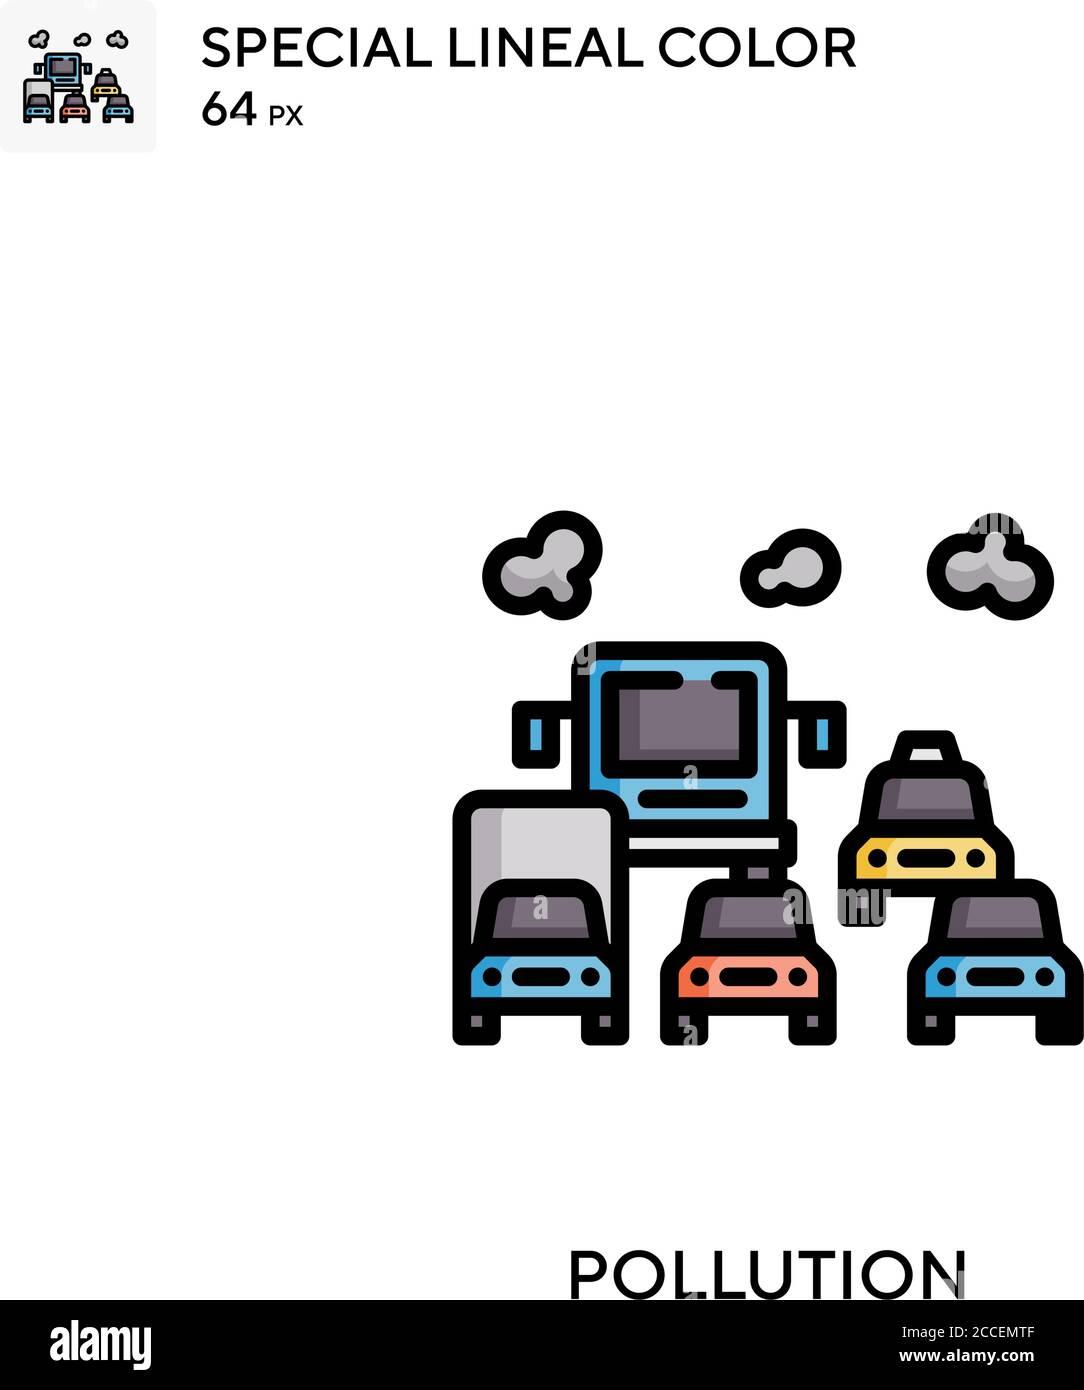 Contaminación icono de color lineal especial. Plantilla de diseño de símbolos de ilustración para elemento de interfaz de usuario móvil web. Ilustración del Vector